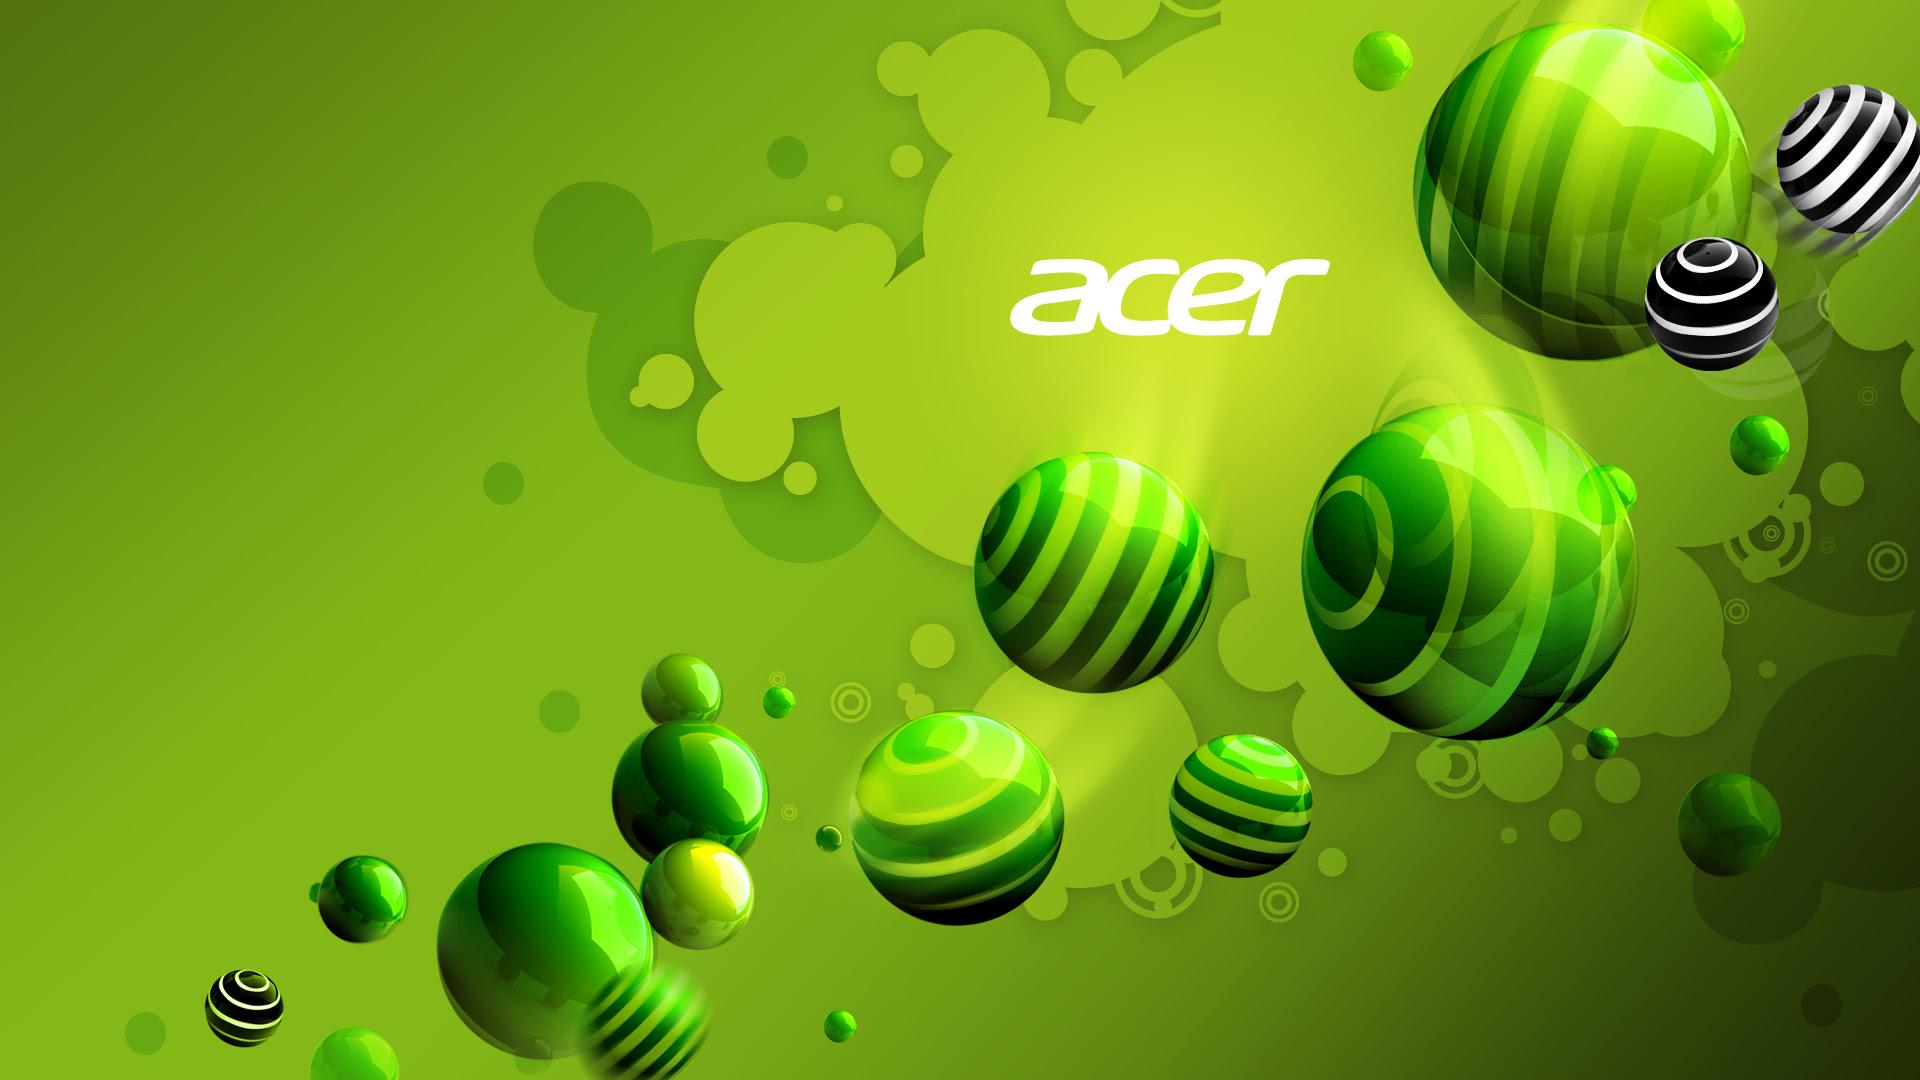 Acer Wallpaper Wallpapersafari Gambartopcom